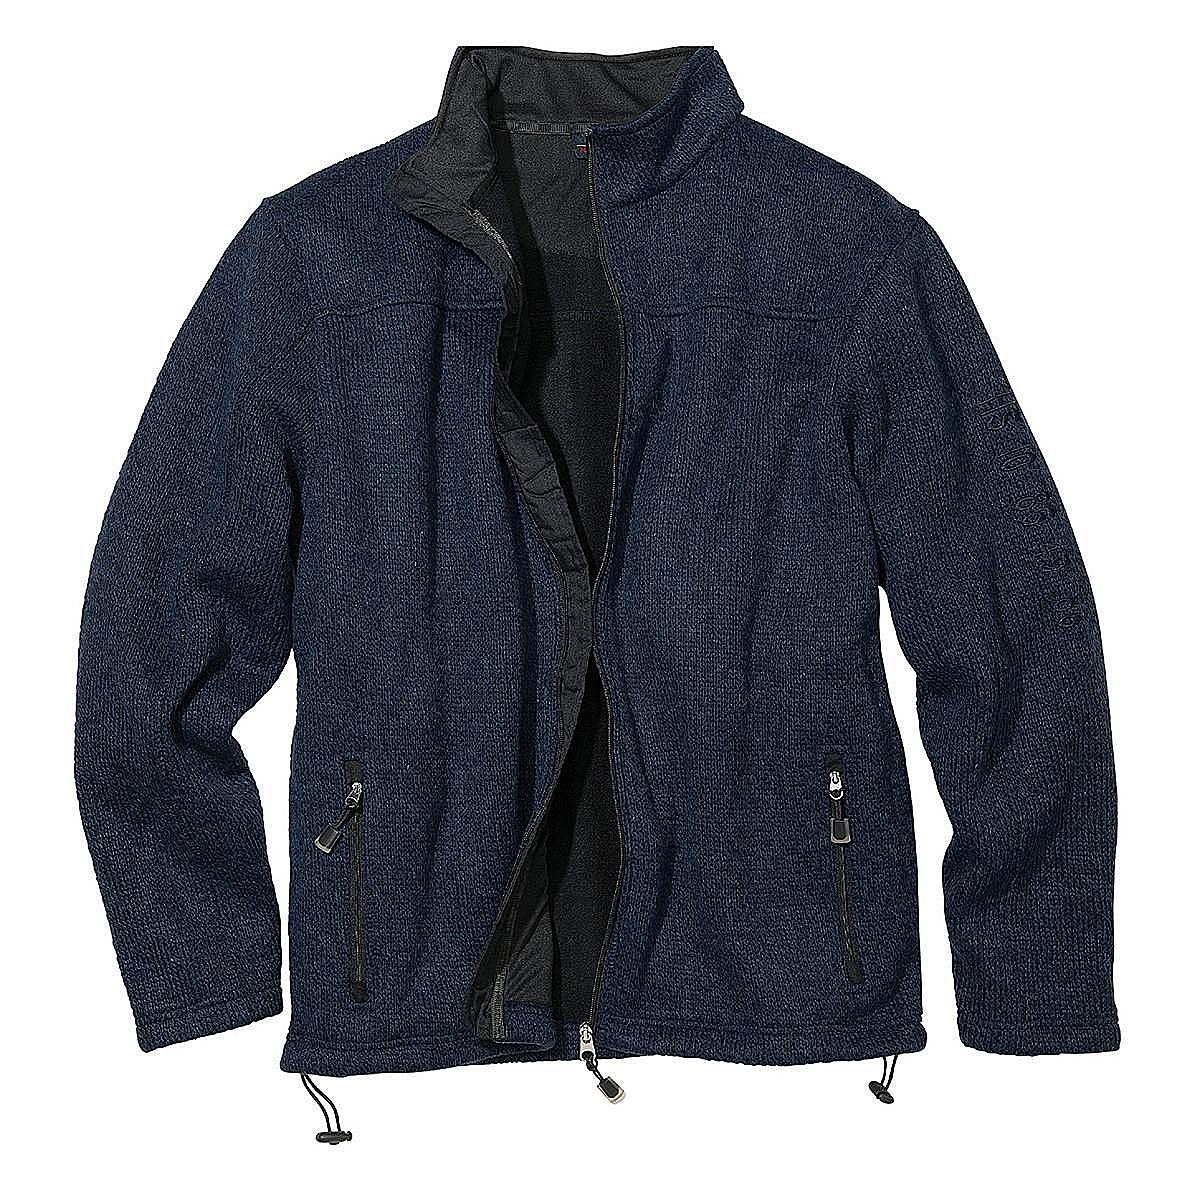 viele modisch Beförderung klassischer Stil von 2019 Outdoor Strickjacke mit Fleece Futter | Farbe jeansblau